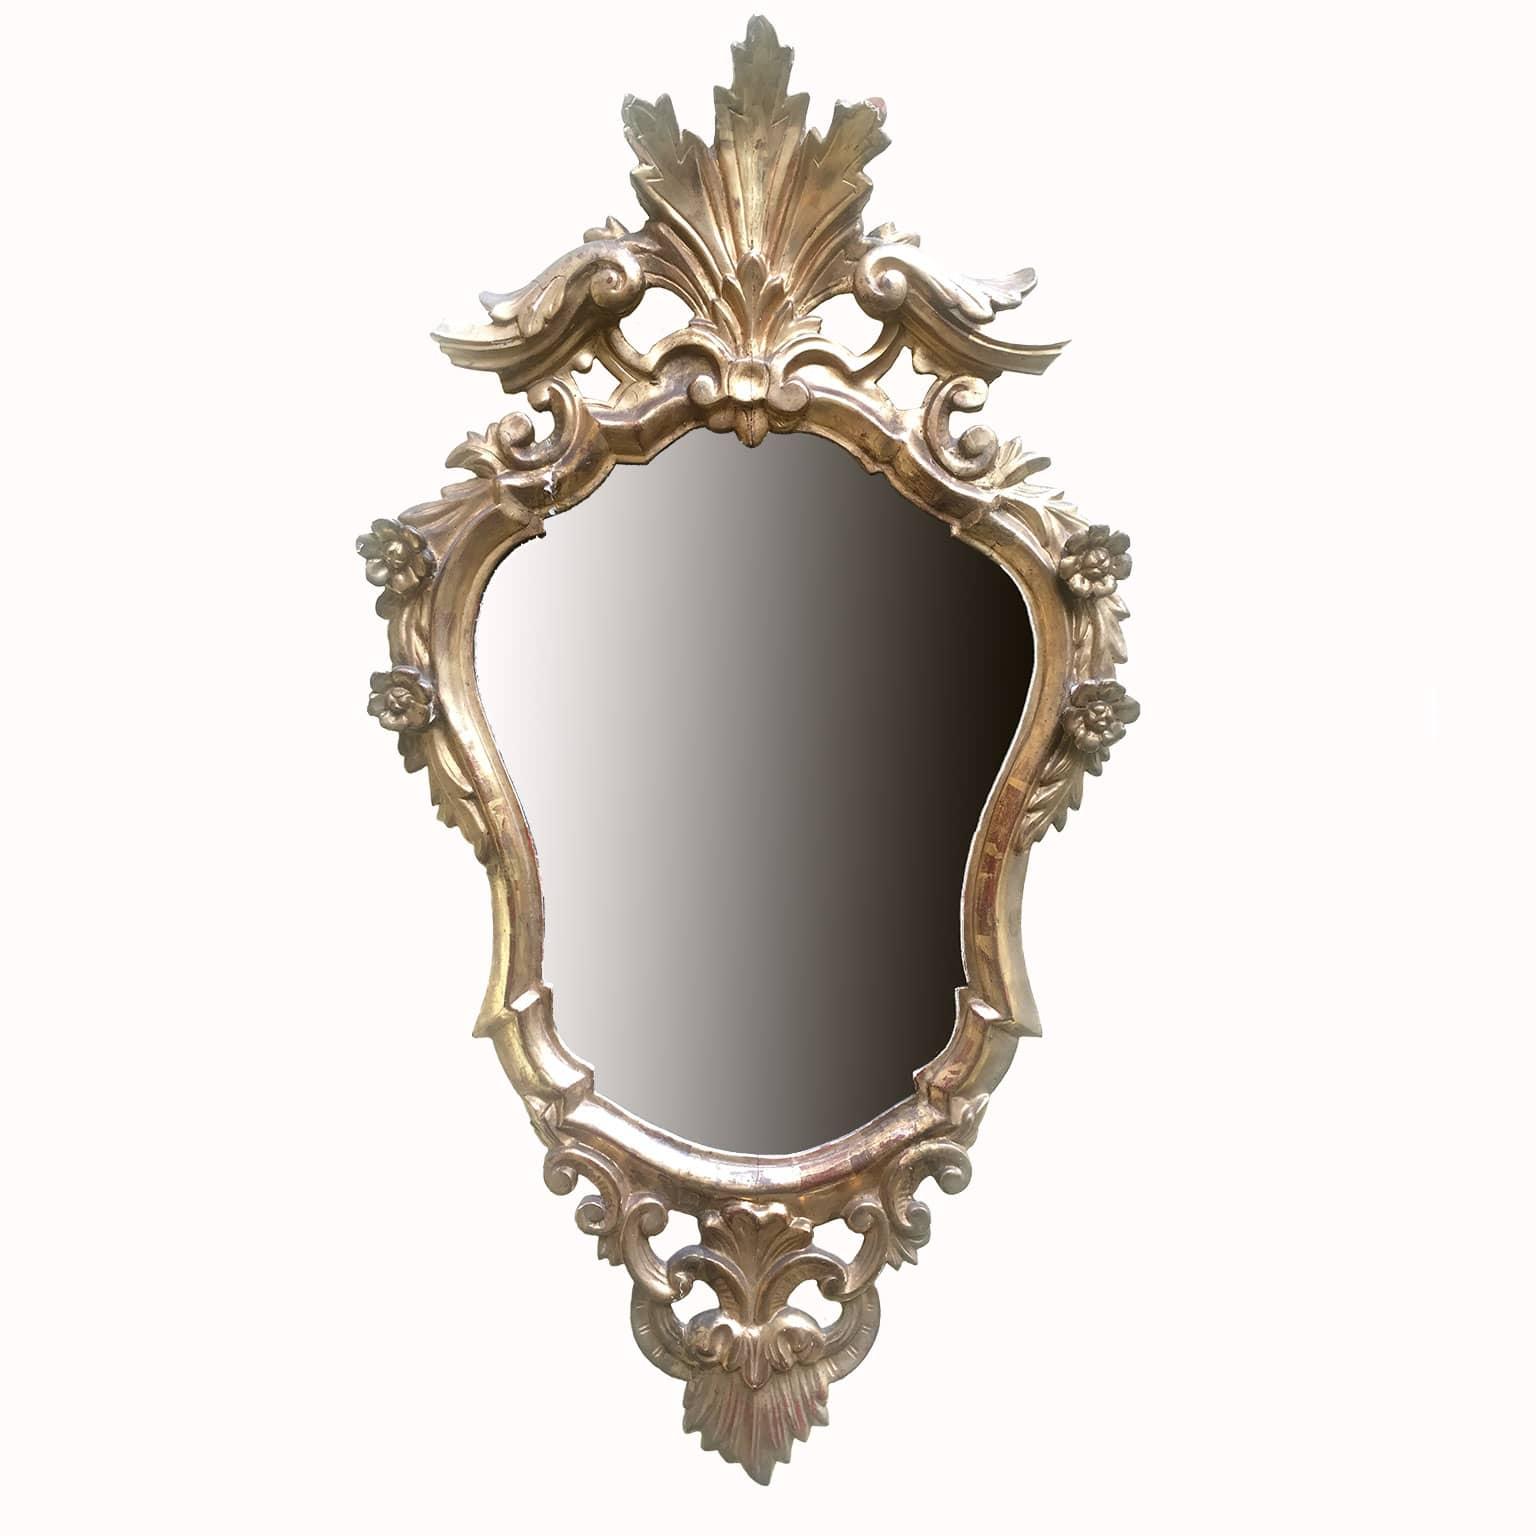 Specchiera antica dorata inizi 1900 realizzata in legno for Specchio rotondo antico